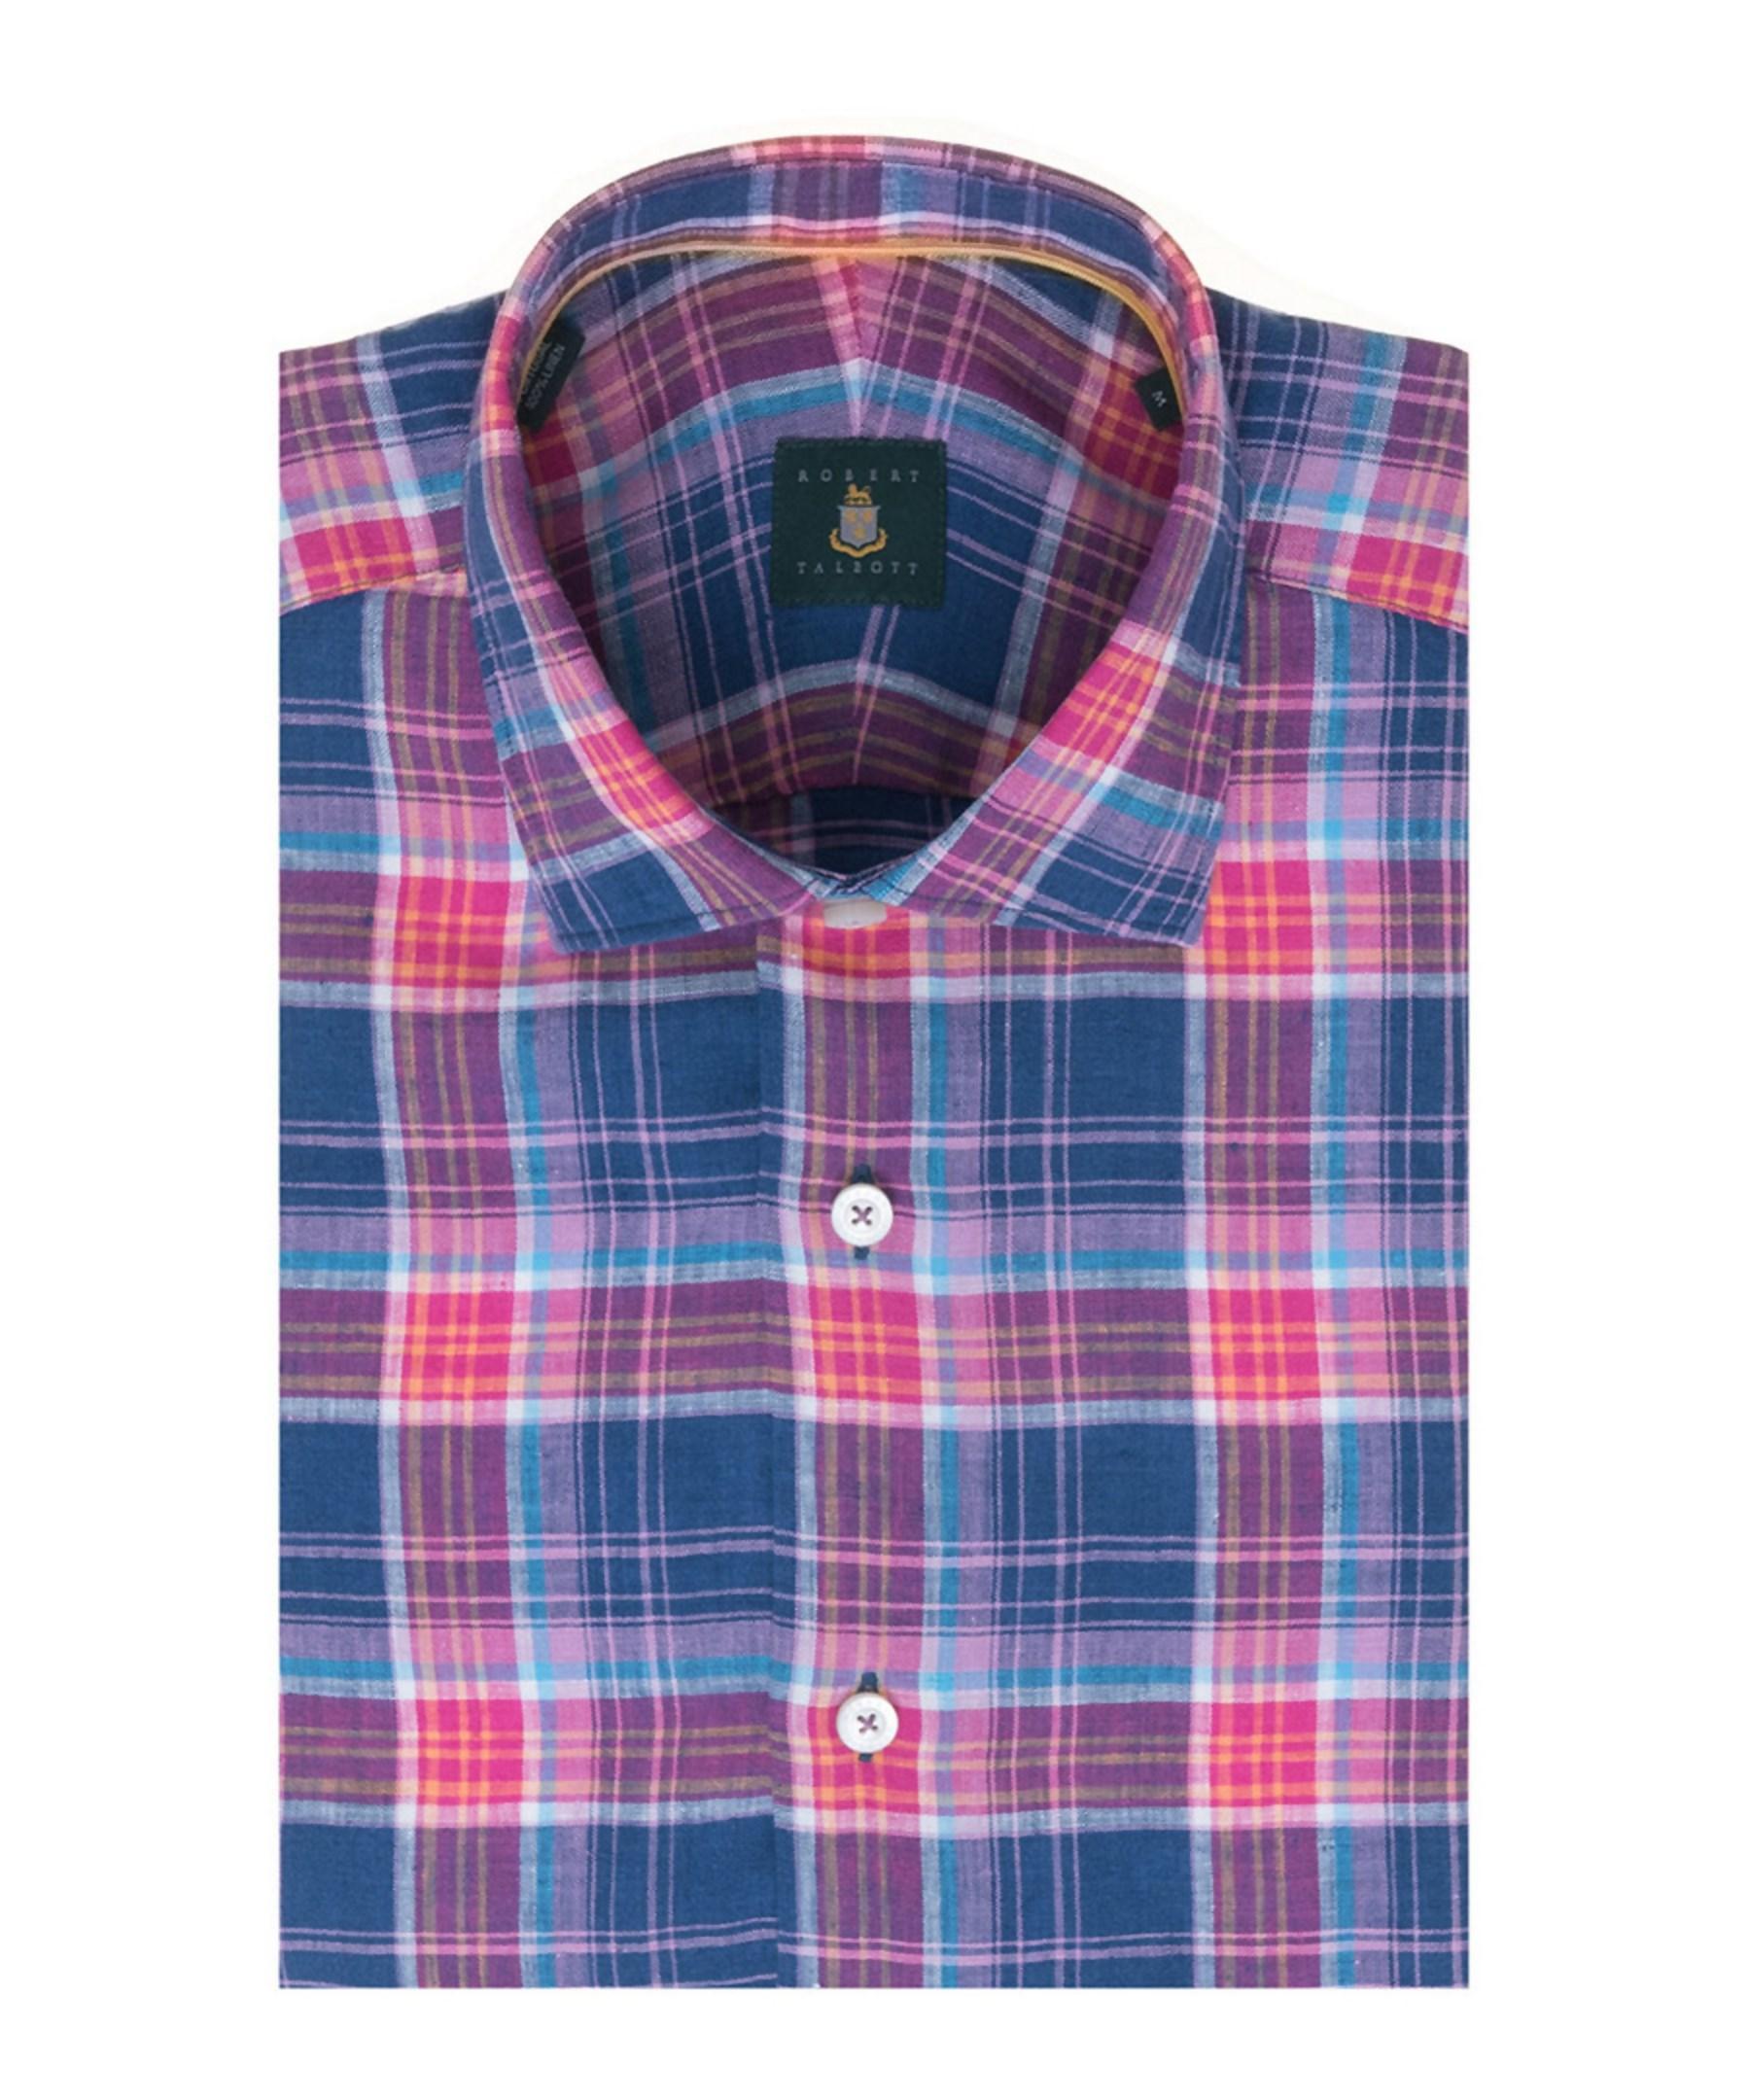 Robert talbott crespi iii tailored fit woven shirt in blue for Robert talbott shirts sale